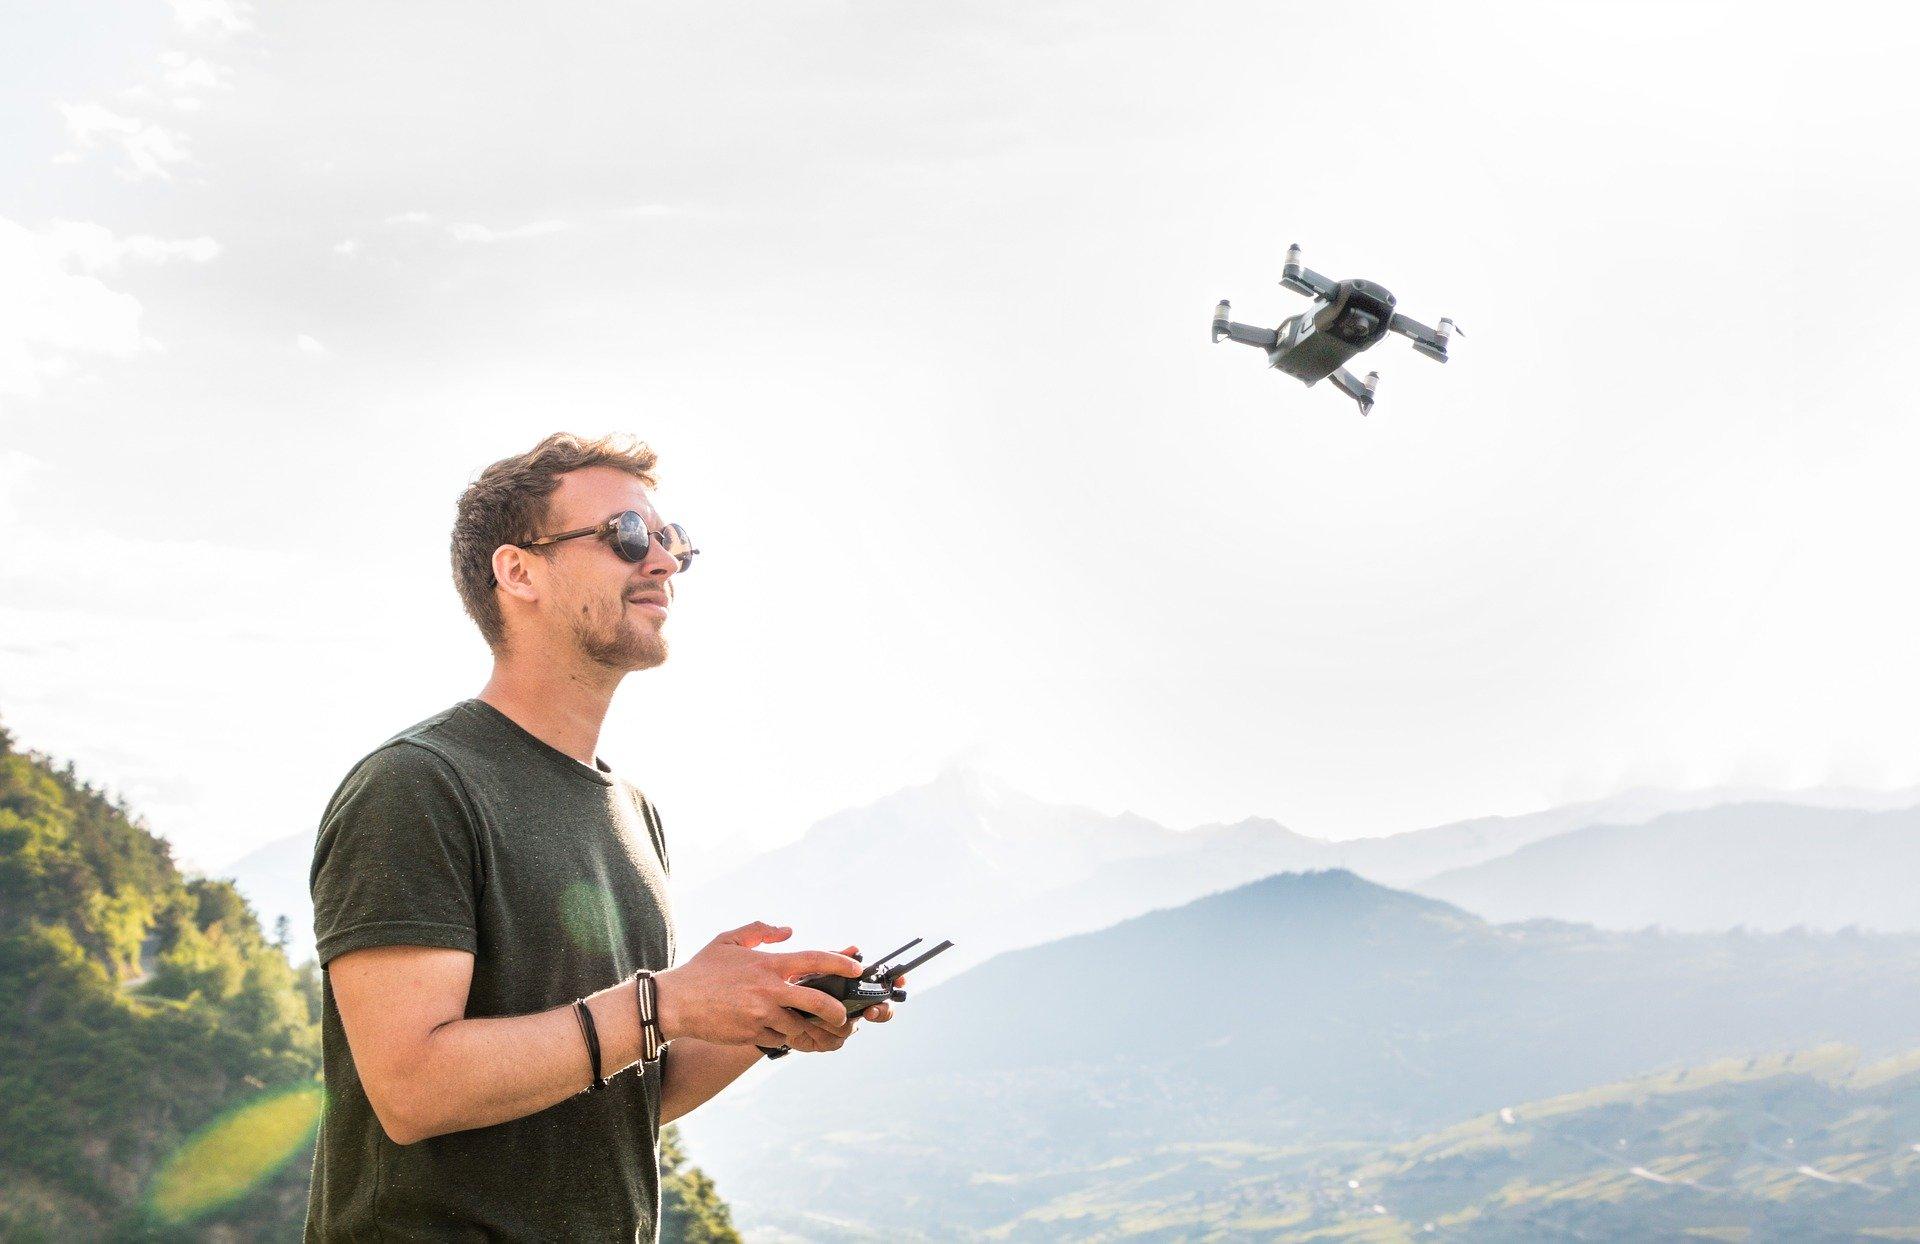 Fabio's Fantastic Aerials